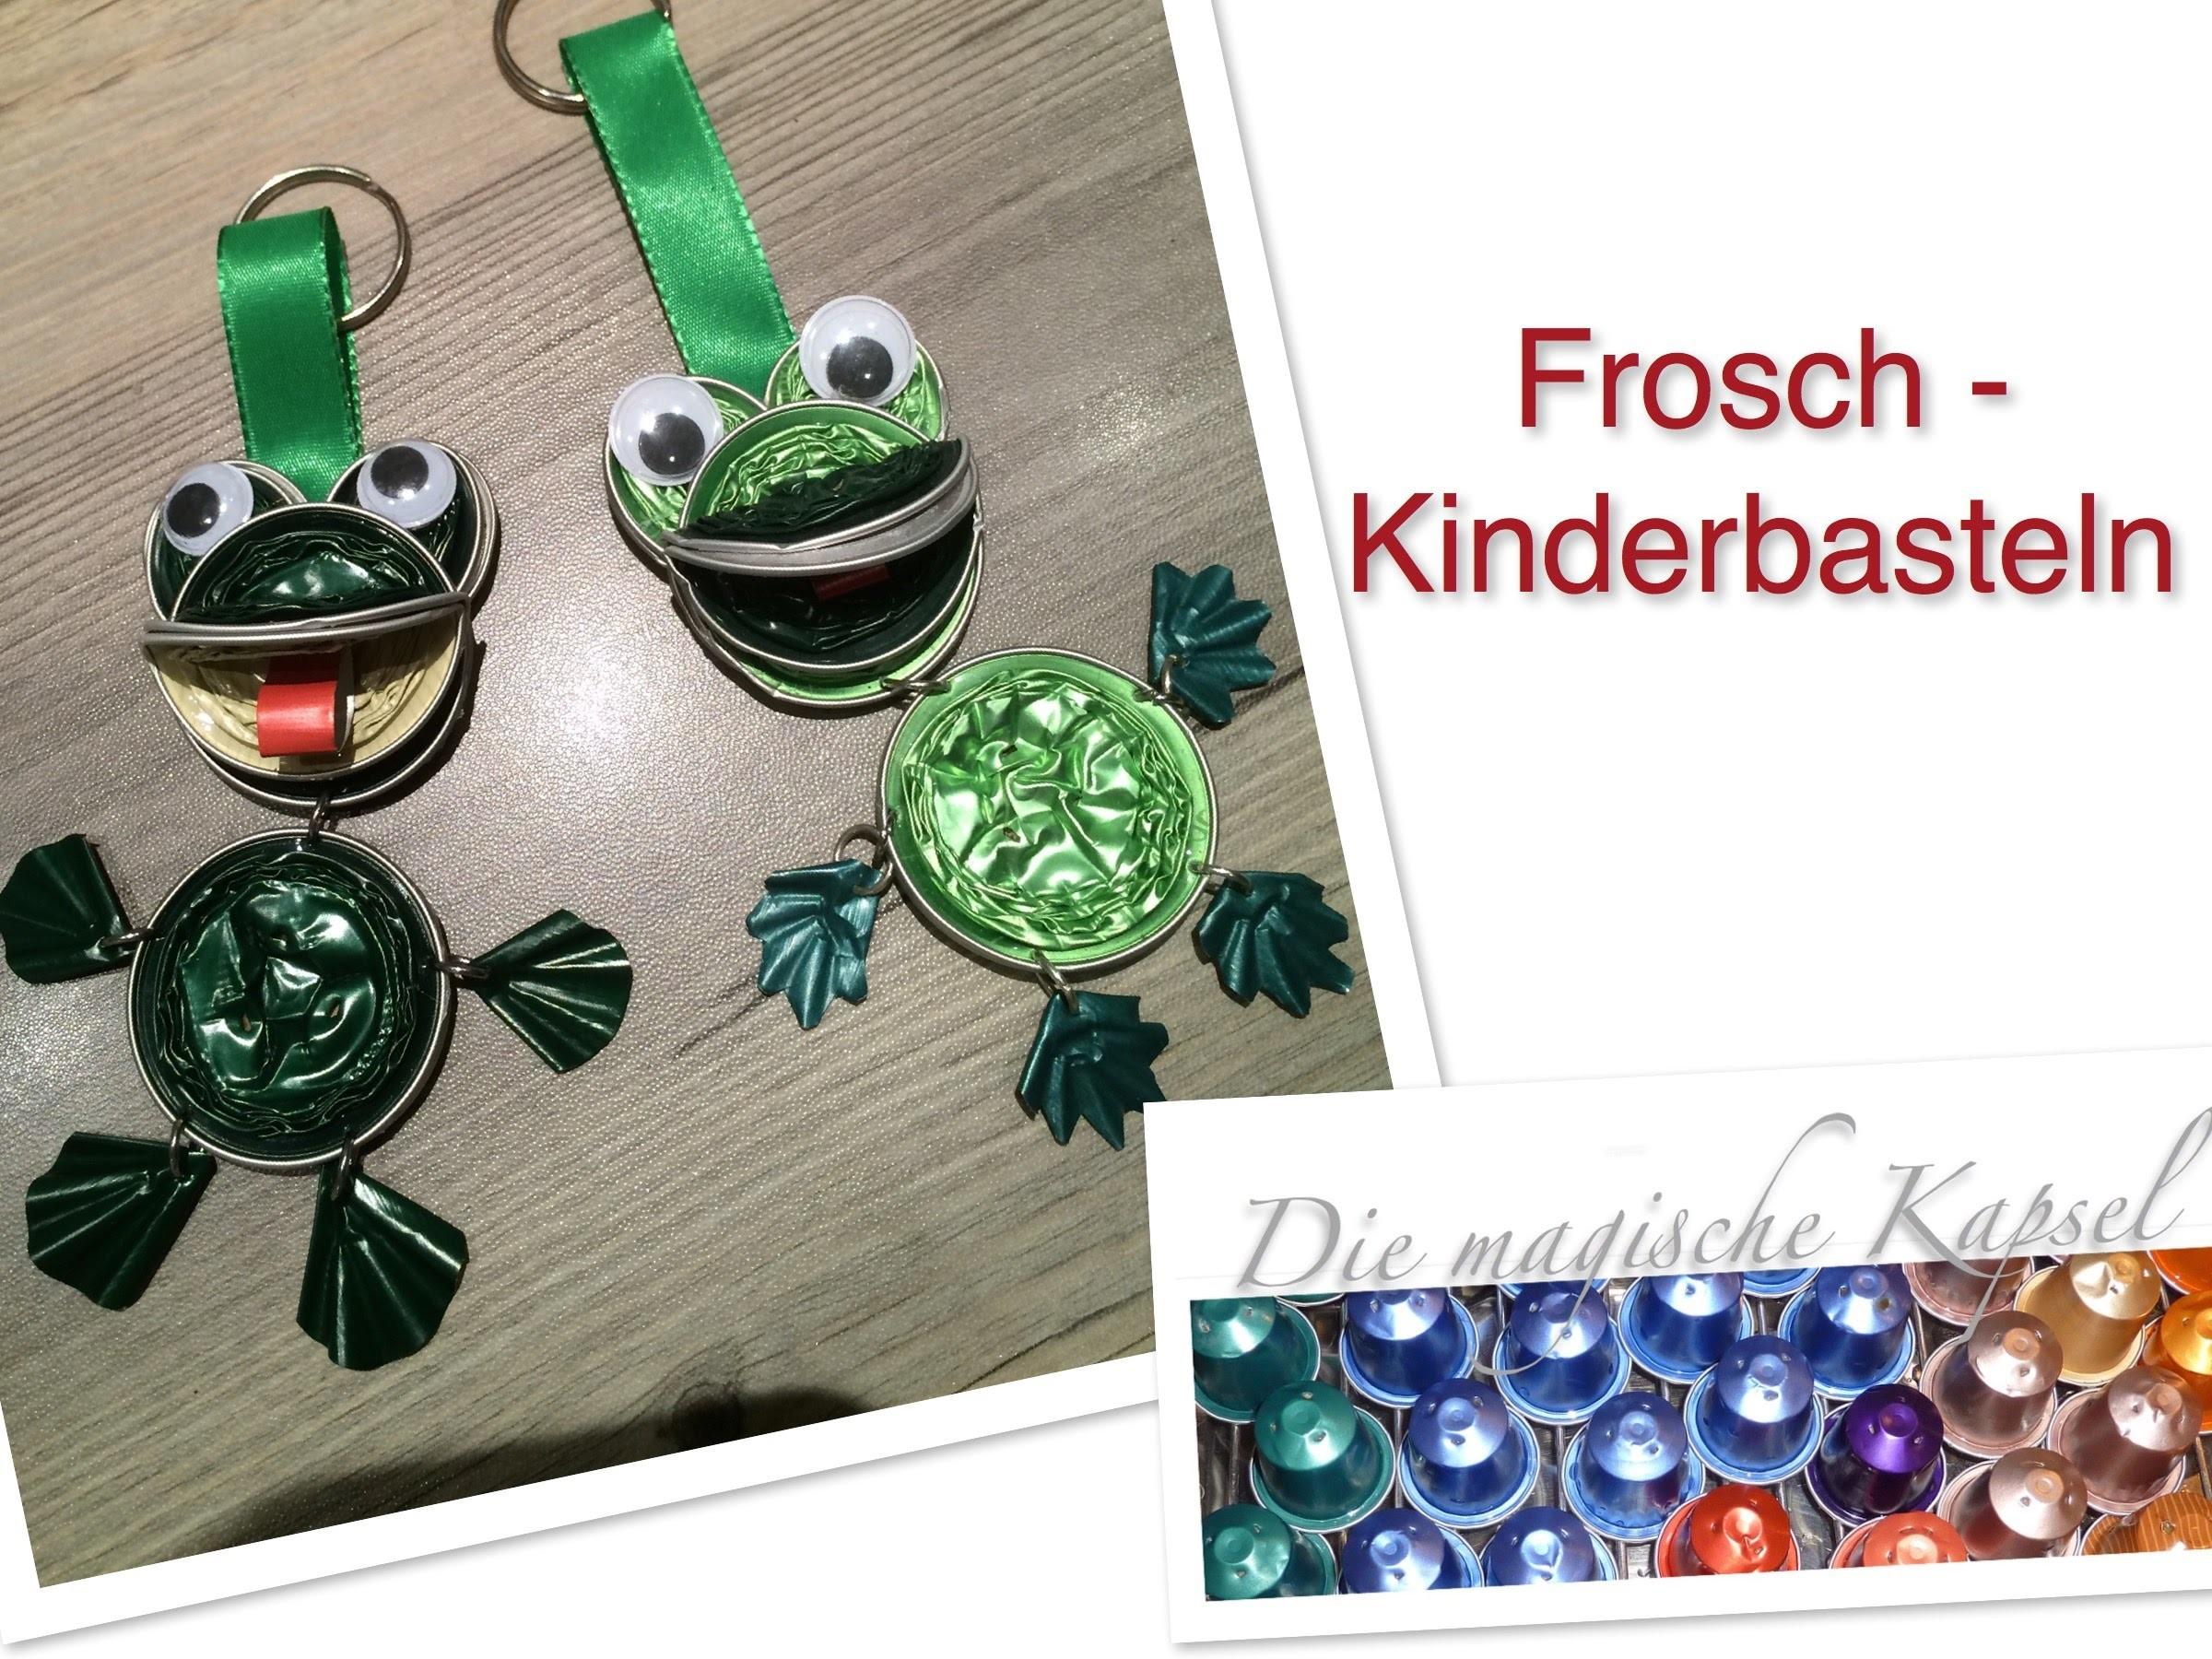 Nespresso Kinder Schmuck Anleitung - DIY - Frosch  - die magische (Kaffee-) Kapsel